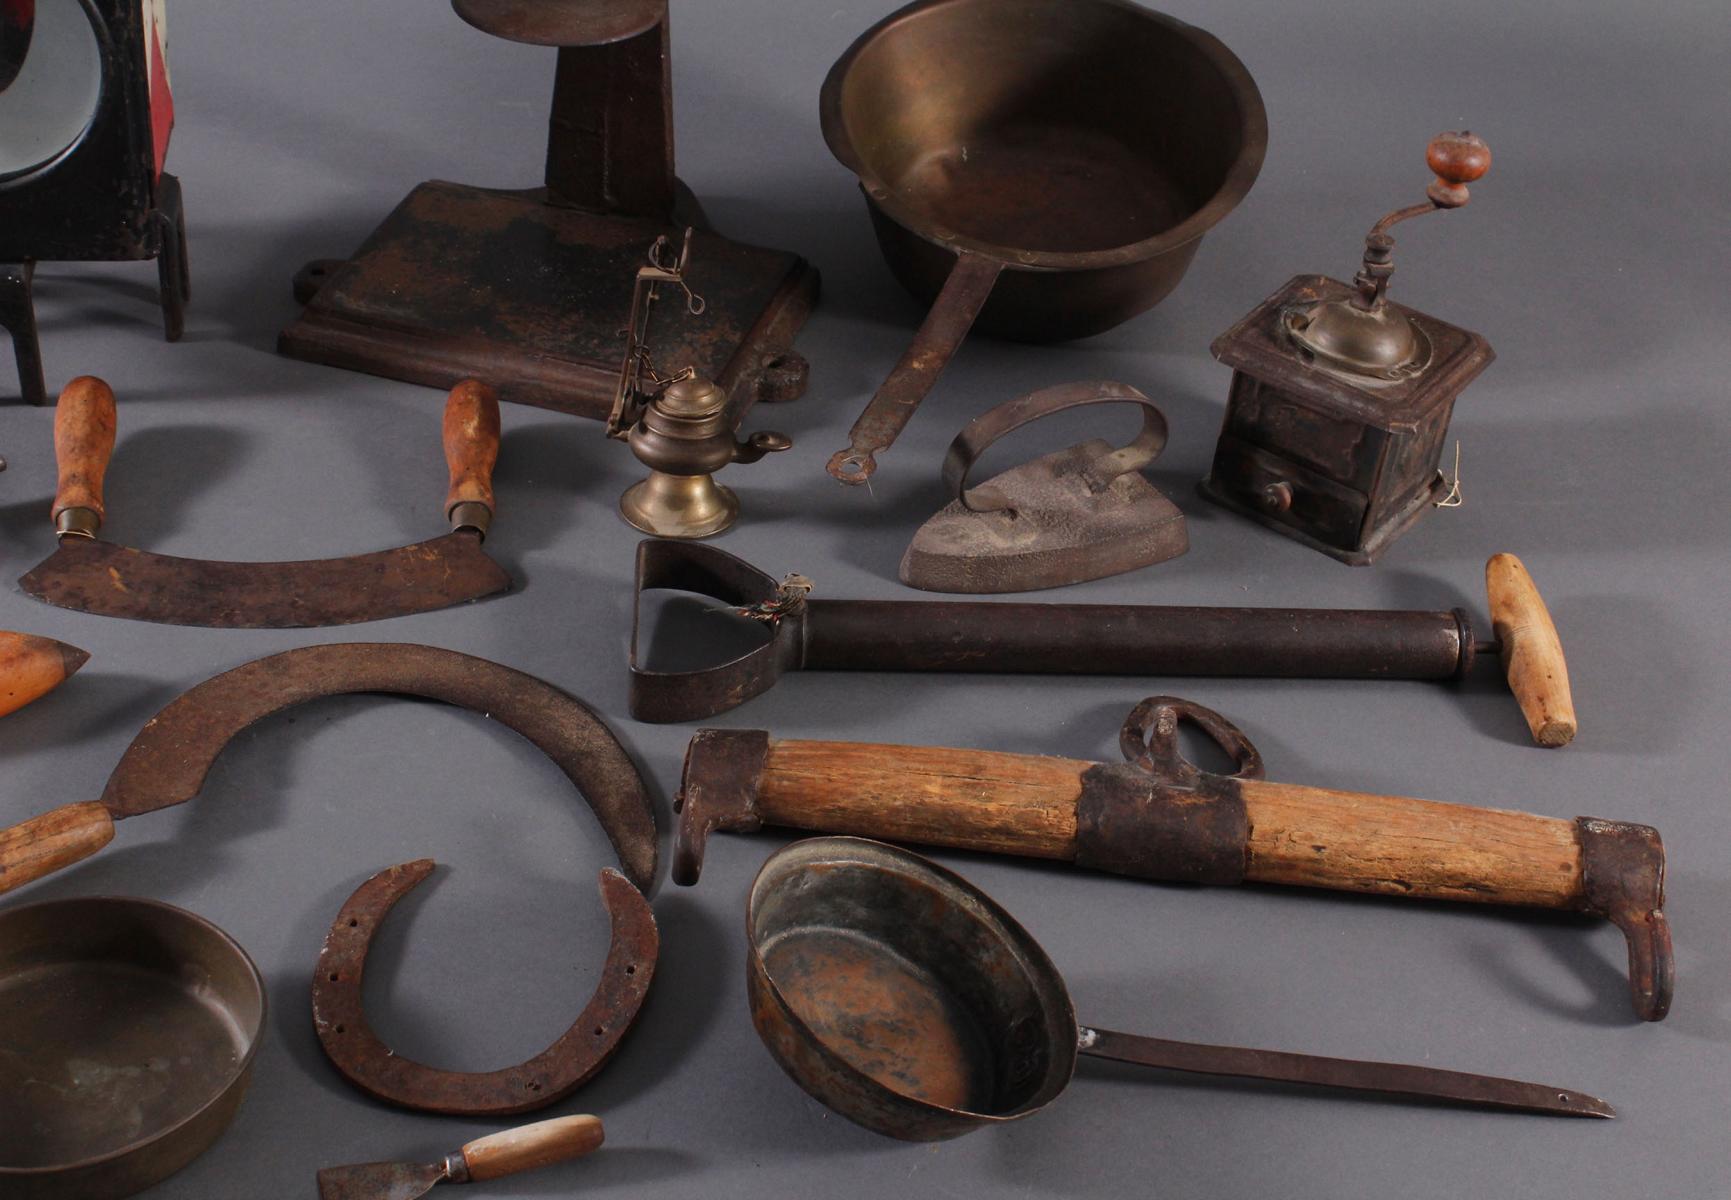 Antike Werkzeuge, Gebrauchs- und Dekorationsgegenstände-2